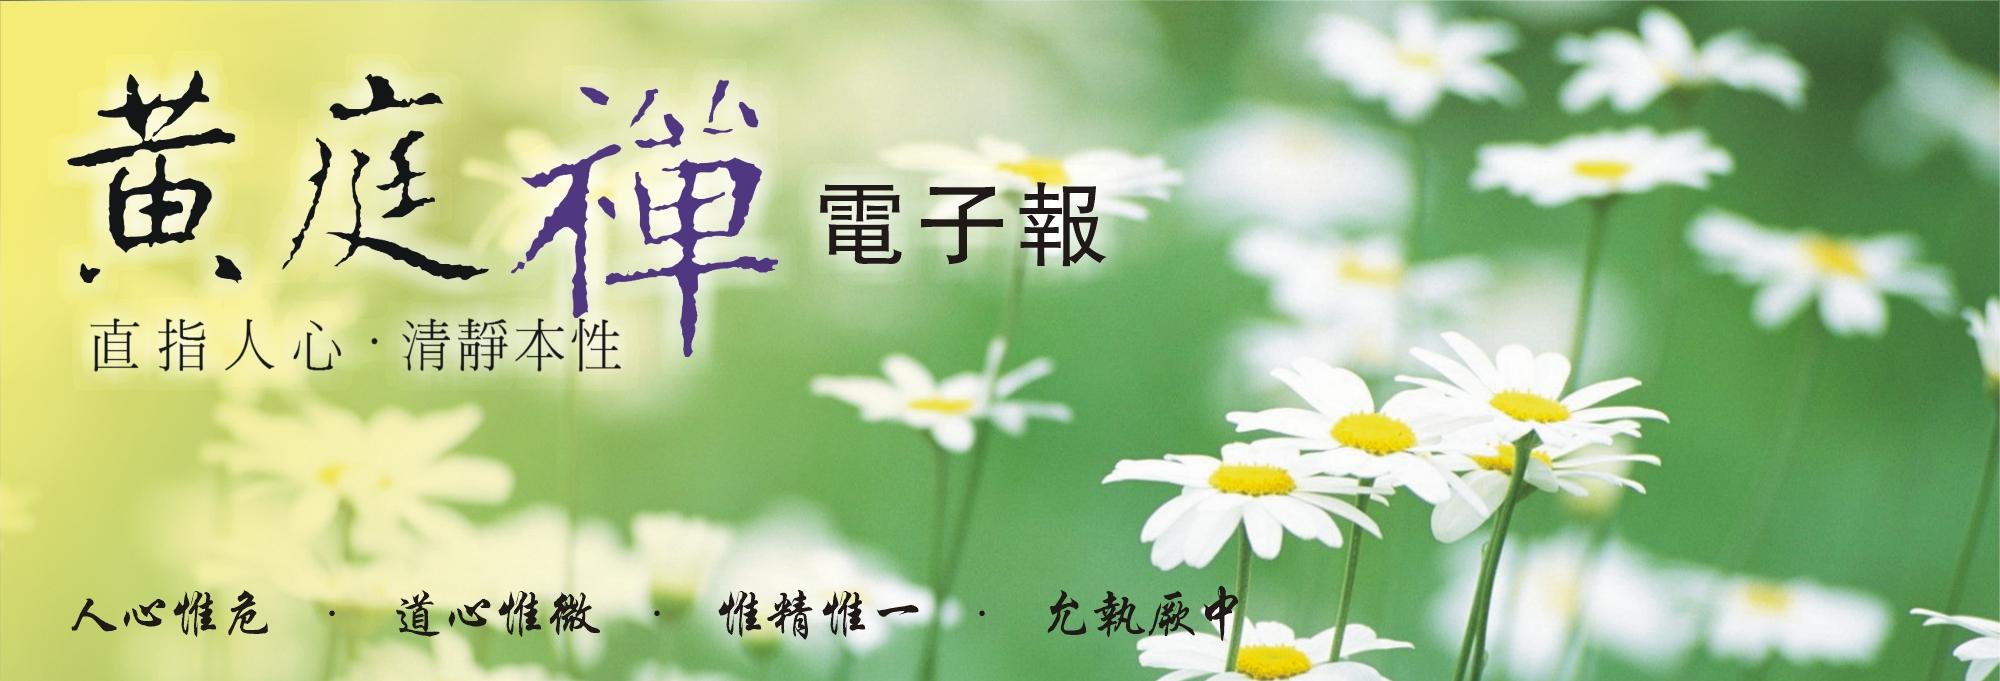 中華黃庭禪學會2014.06.11電子報